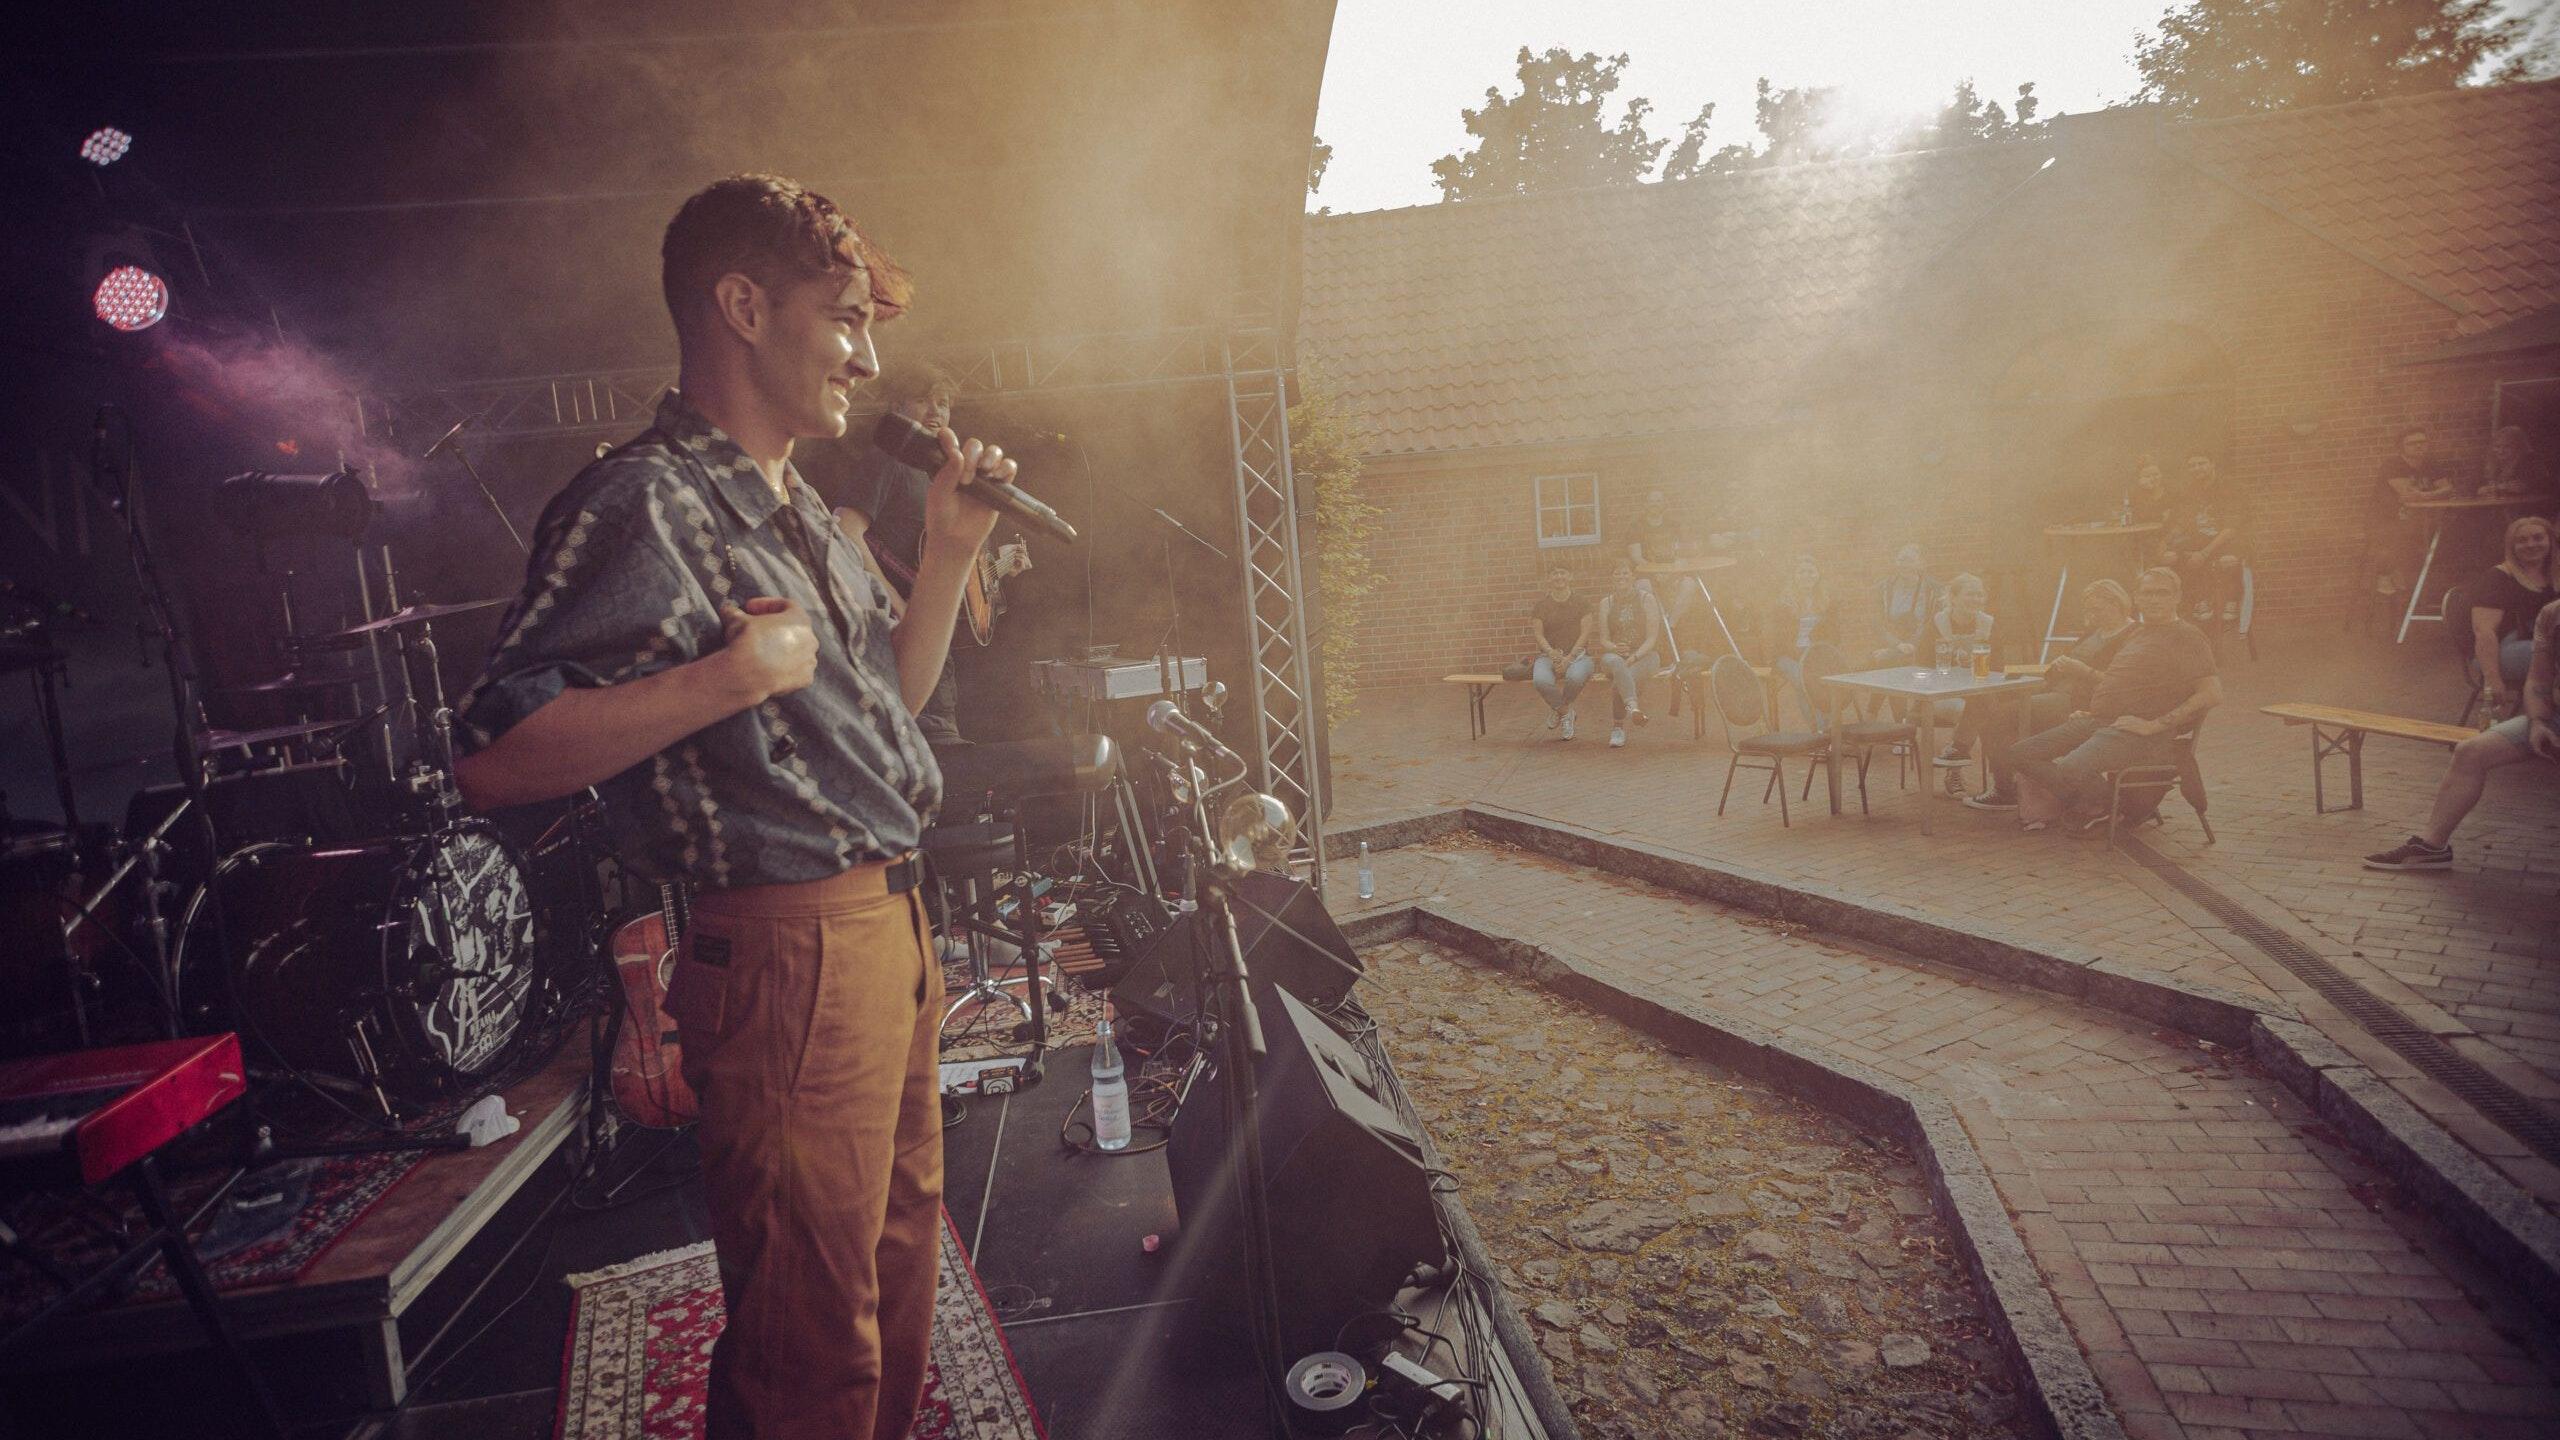 """Live-Musik unter freiem Himmel: Die Band """"Raum27"""" trat im Sommer im Innenhof des Gulfhauses auf. In den kommenden Monaten wird das Konzertgeschehen in den Saal der städtischen Einrichtung verlagert. Foto: Droping.de/Alexander Penndorf <br>"""